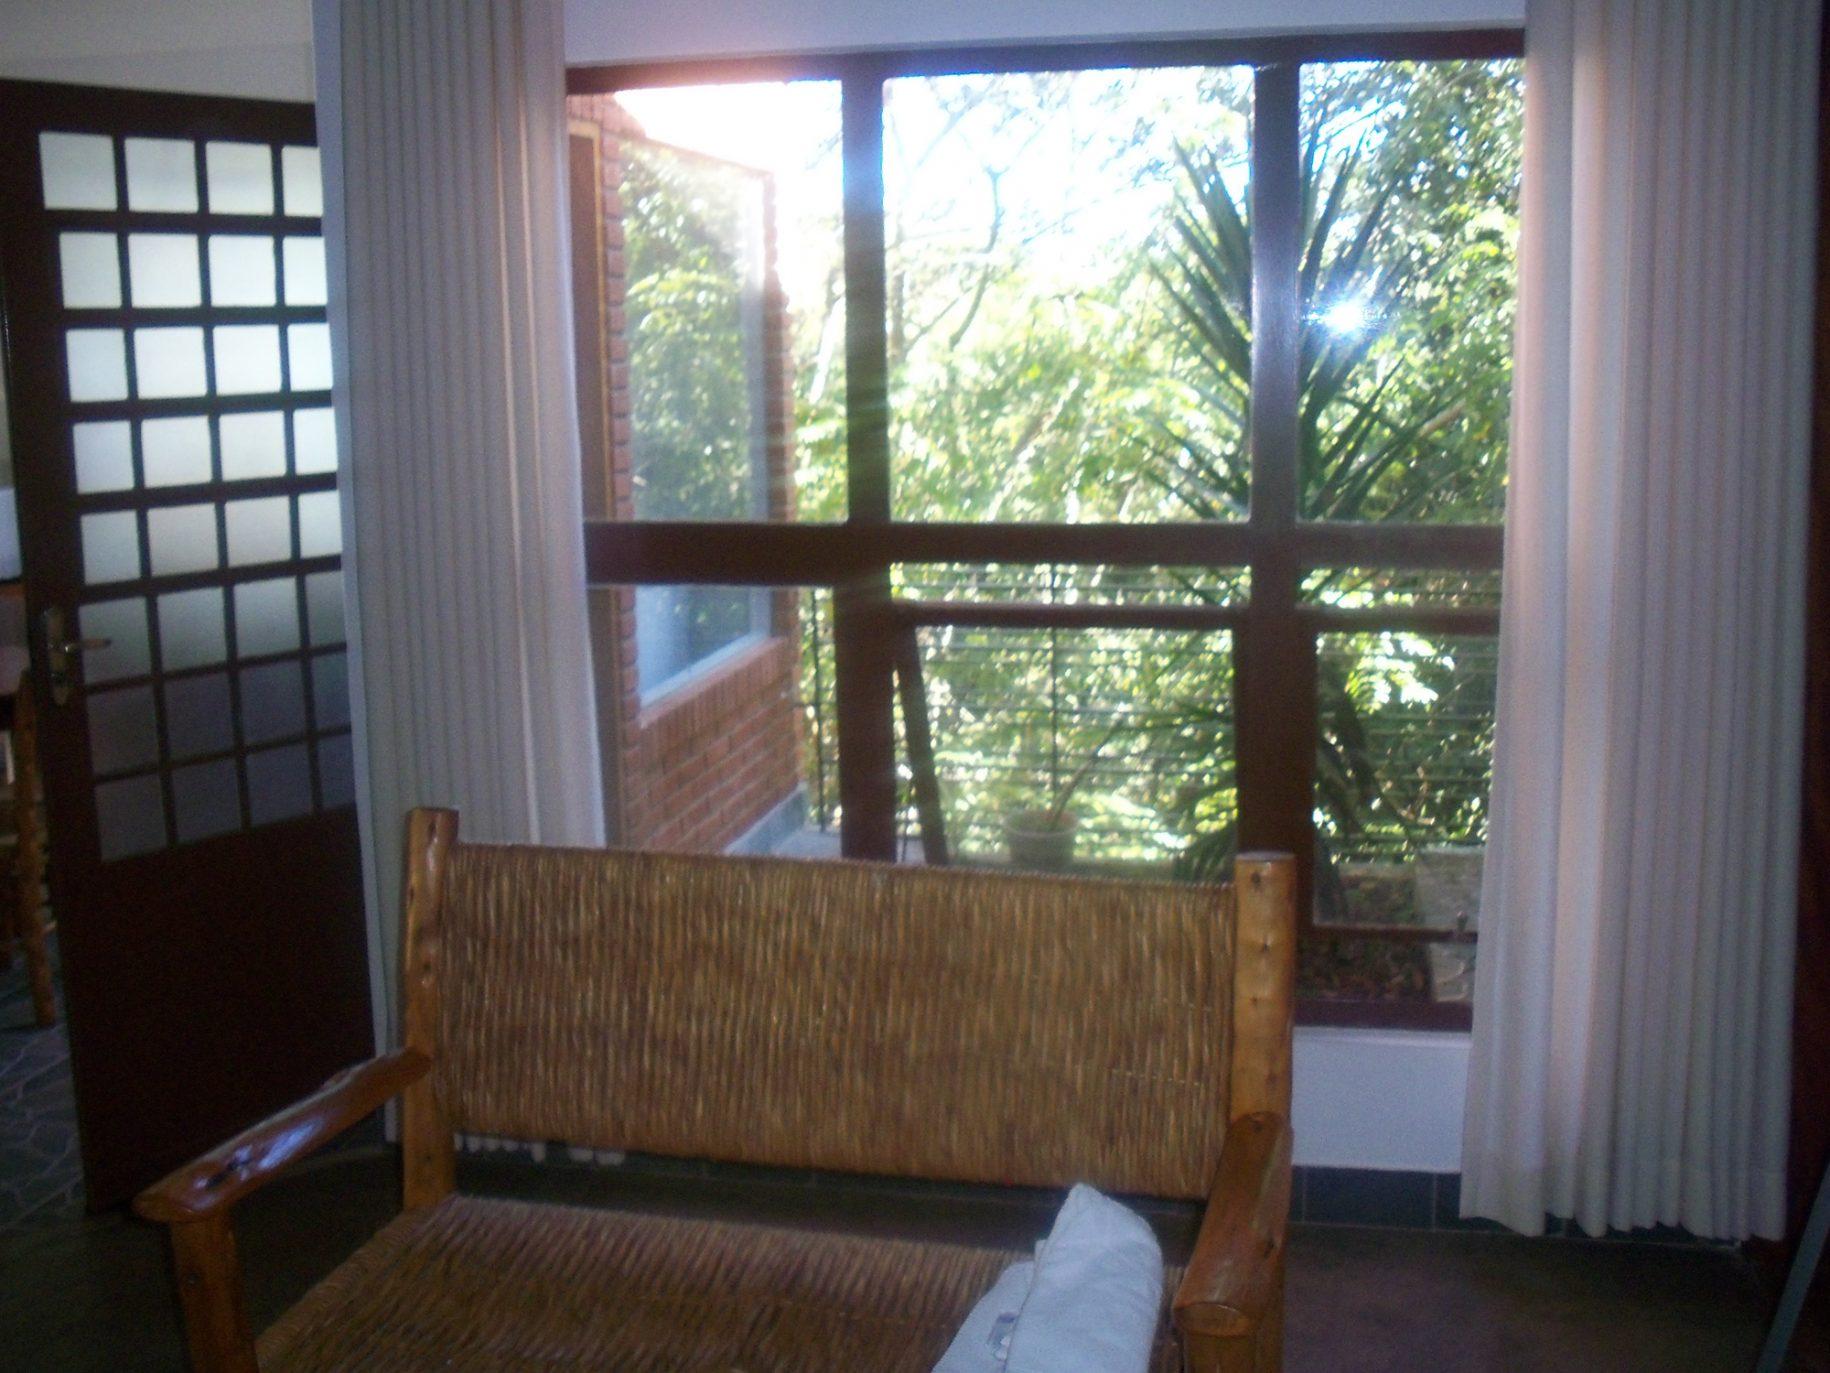 Vista para a sacada de uma das acomodações do hotel fazenda parque dos sonhos